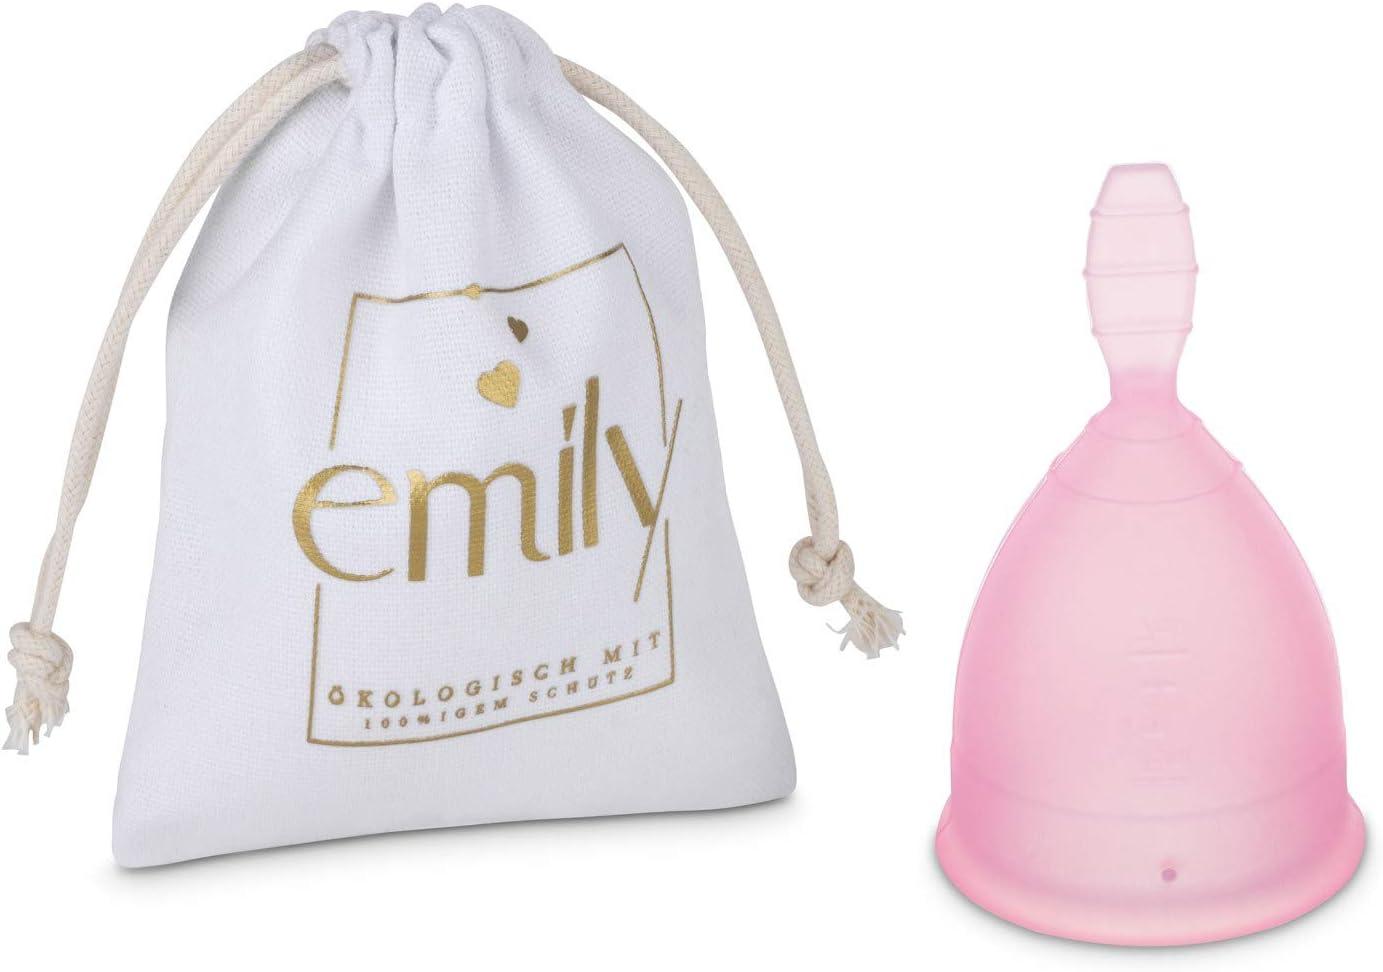 Copa menstrual reutilizable Copa individual en tamaño L y ROSA - Alternativa práctica y fiable a los tampones y toallas sanitarias